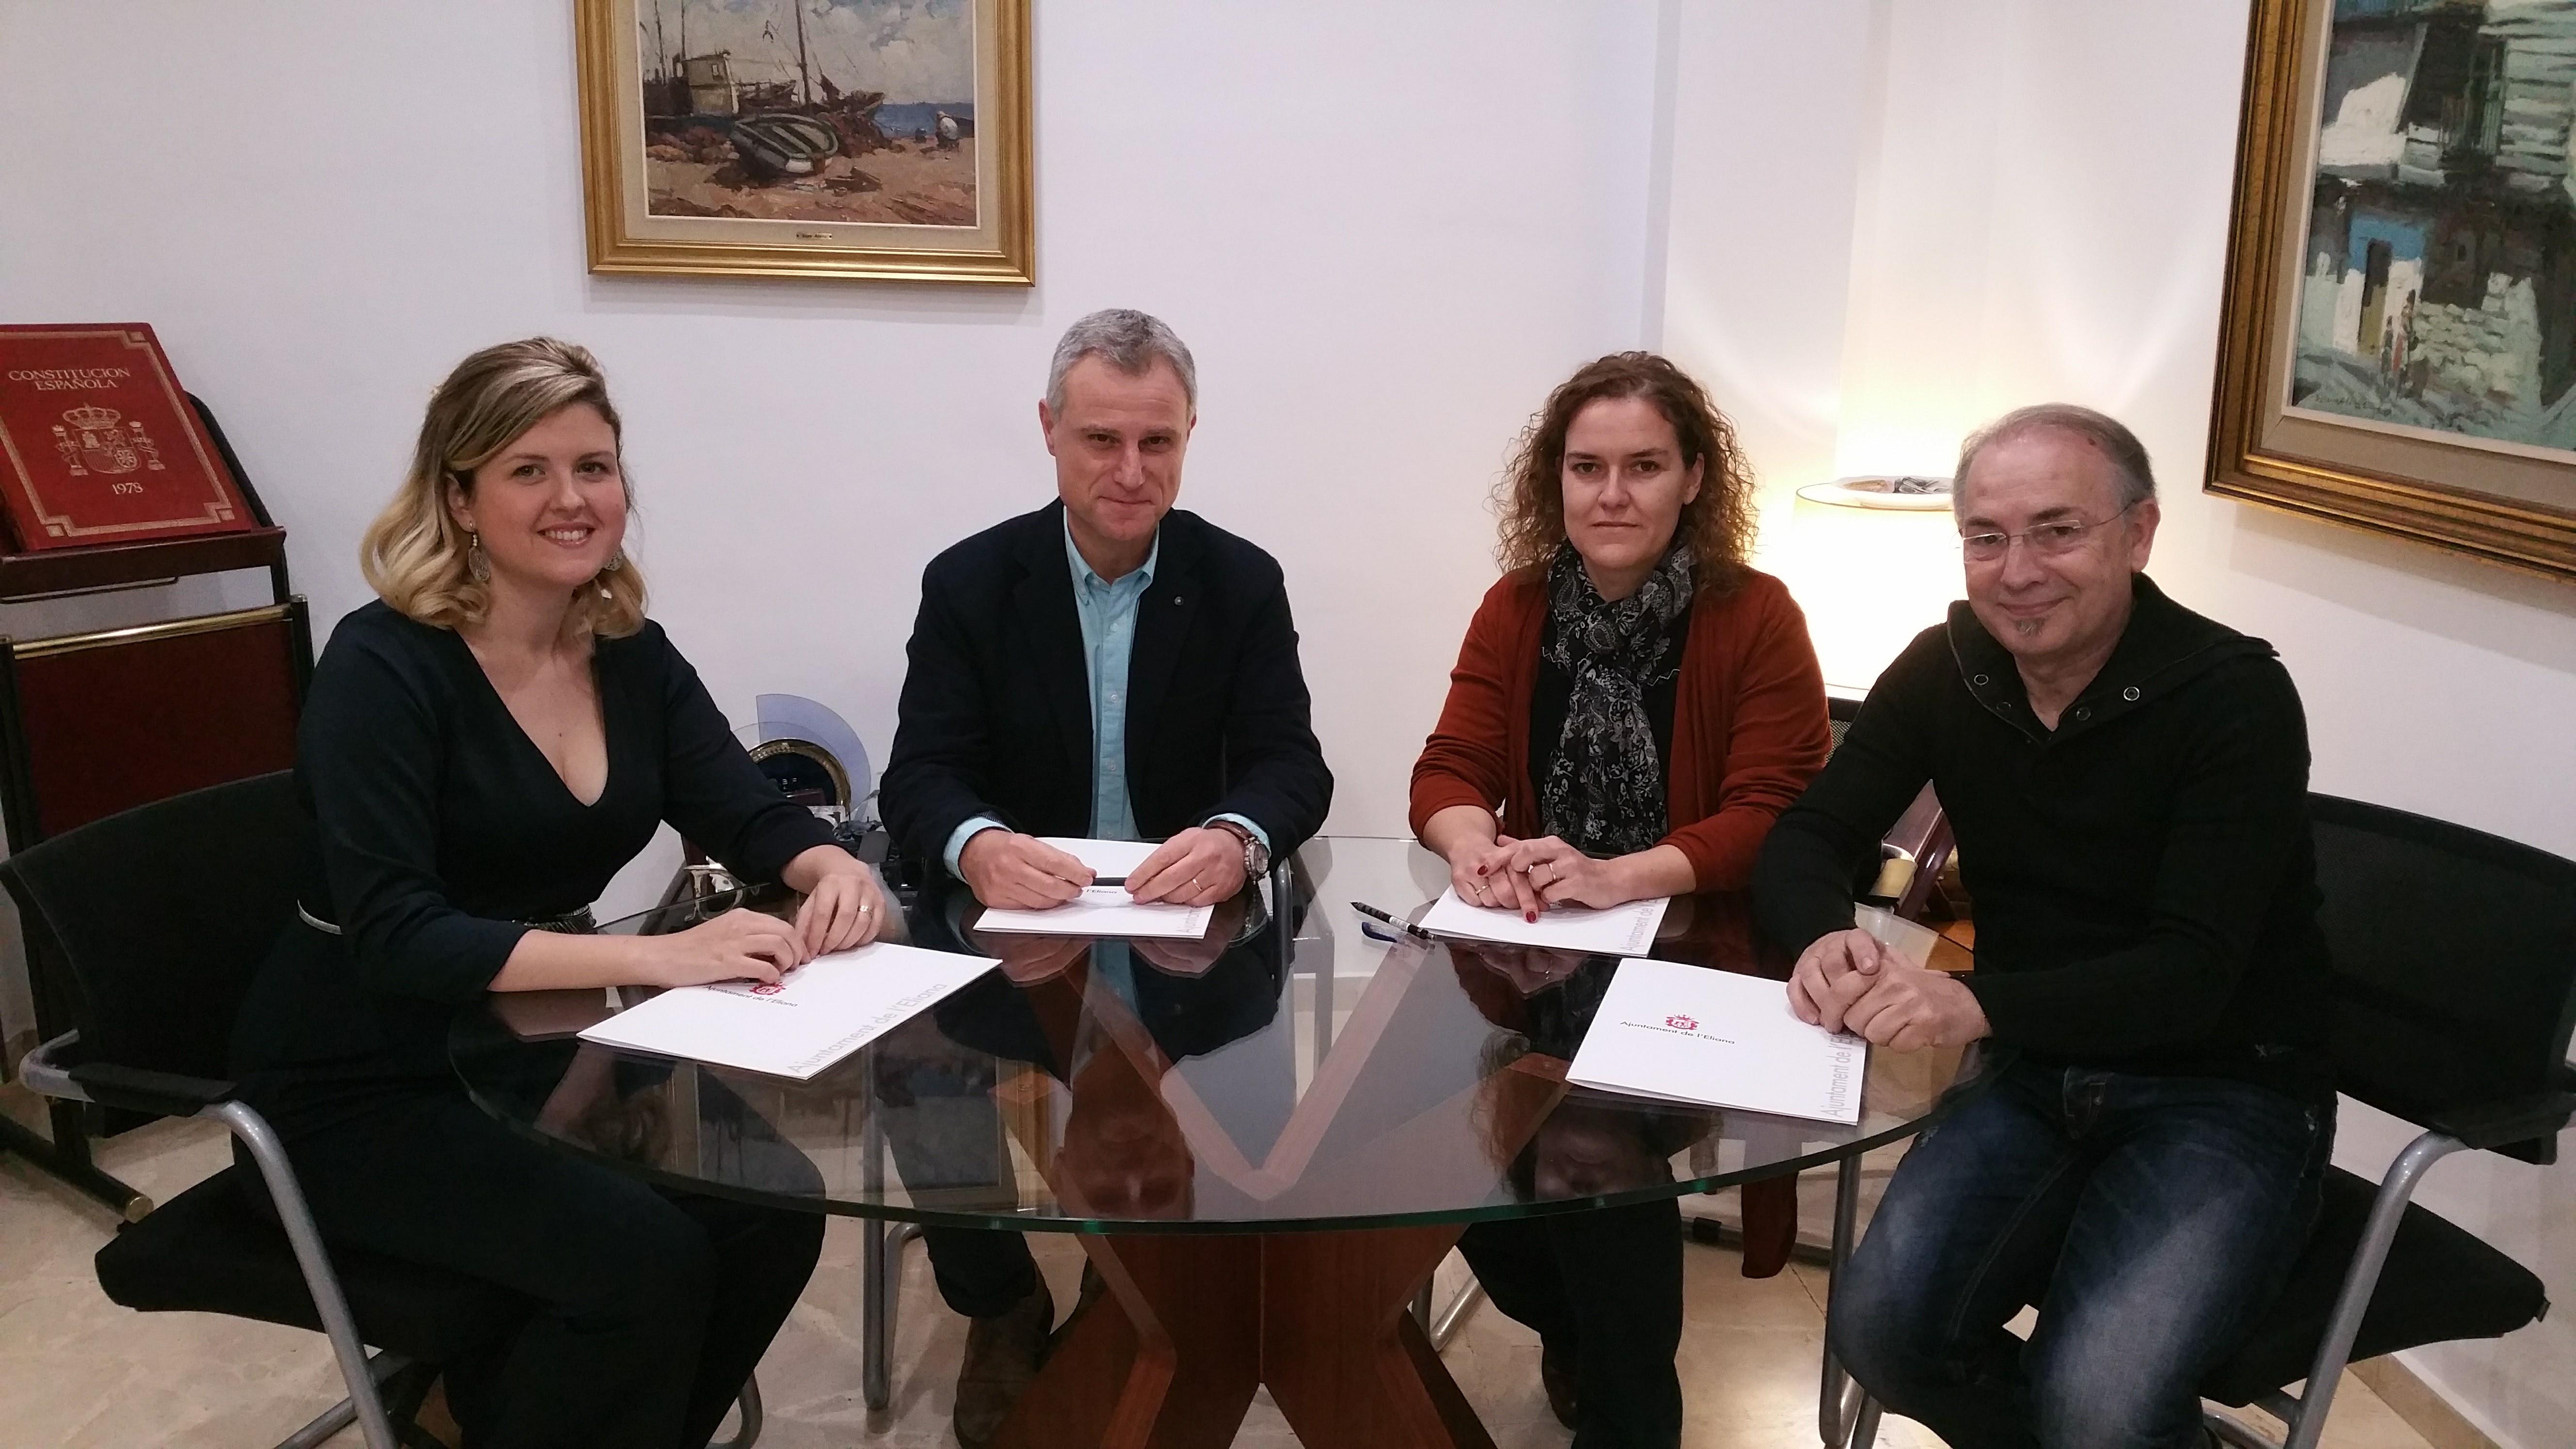 El socialista Salva Torrent ha alcanzado un acuerdo con la coalición naranja para que las dos regidoras, Isabel Montaner y Carmen López, se incorporen al gobierno municipal de l'Eliana.